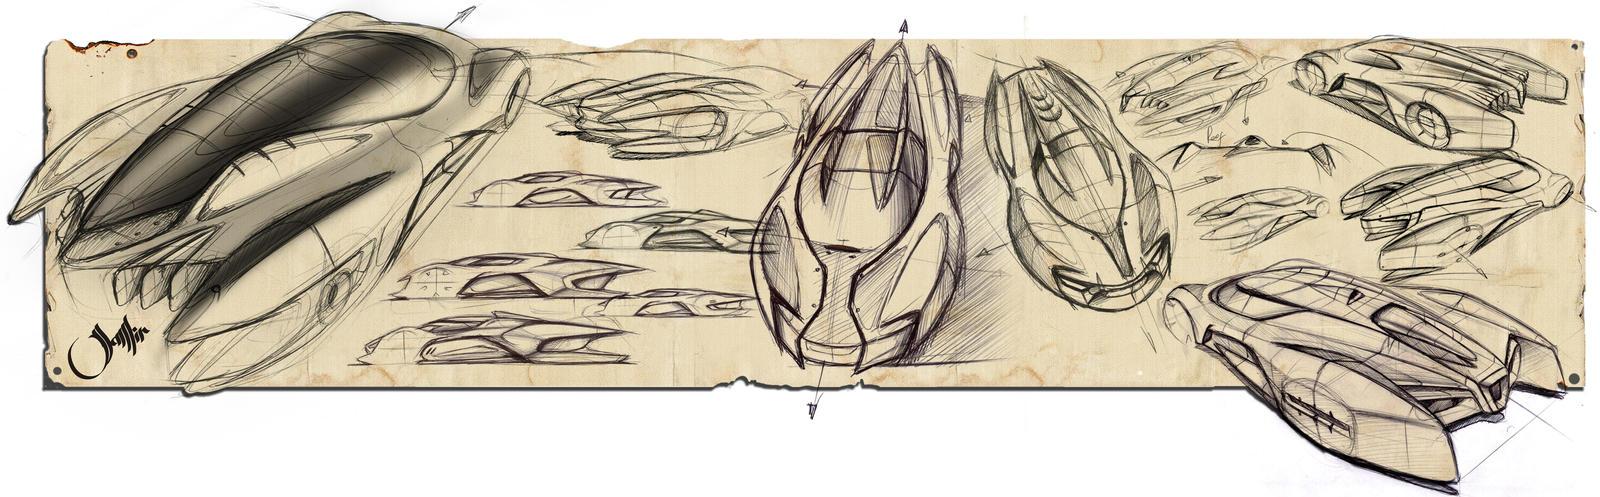 Sketch Battle 2 by Samirs